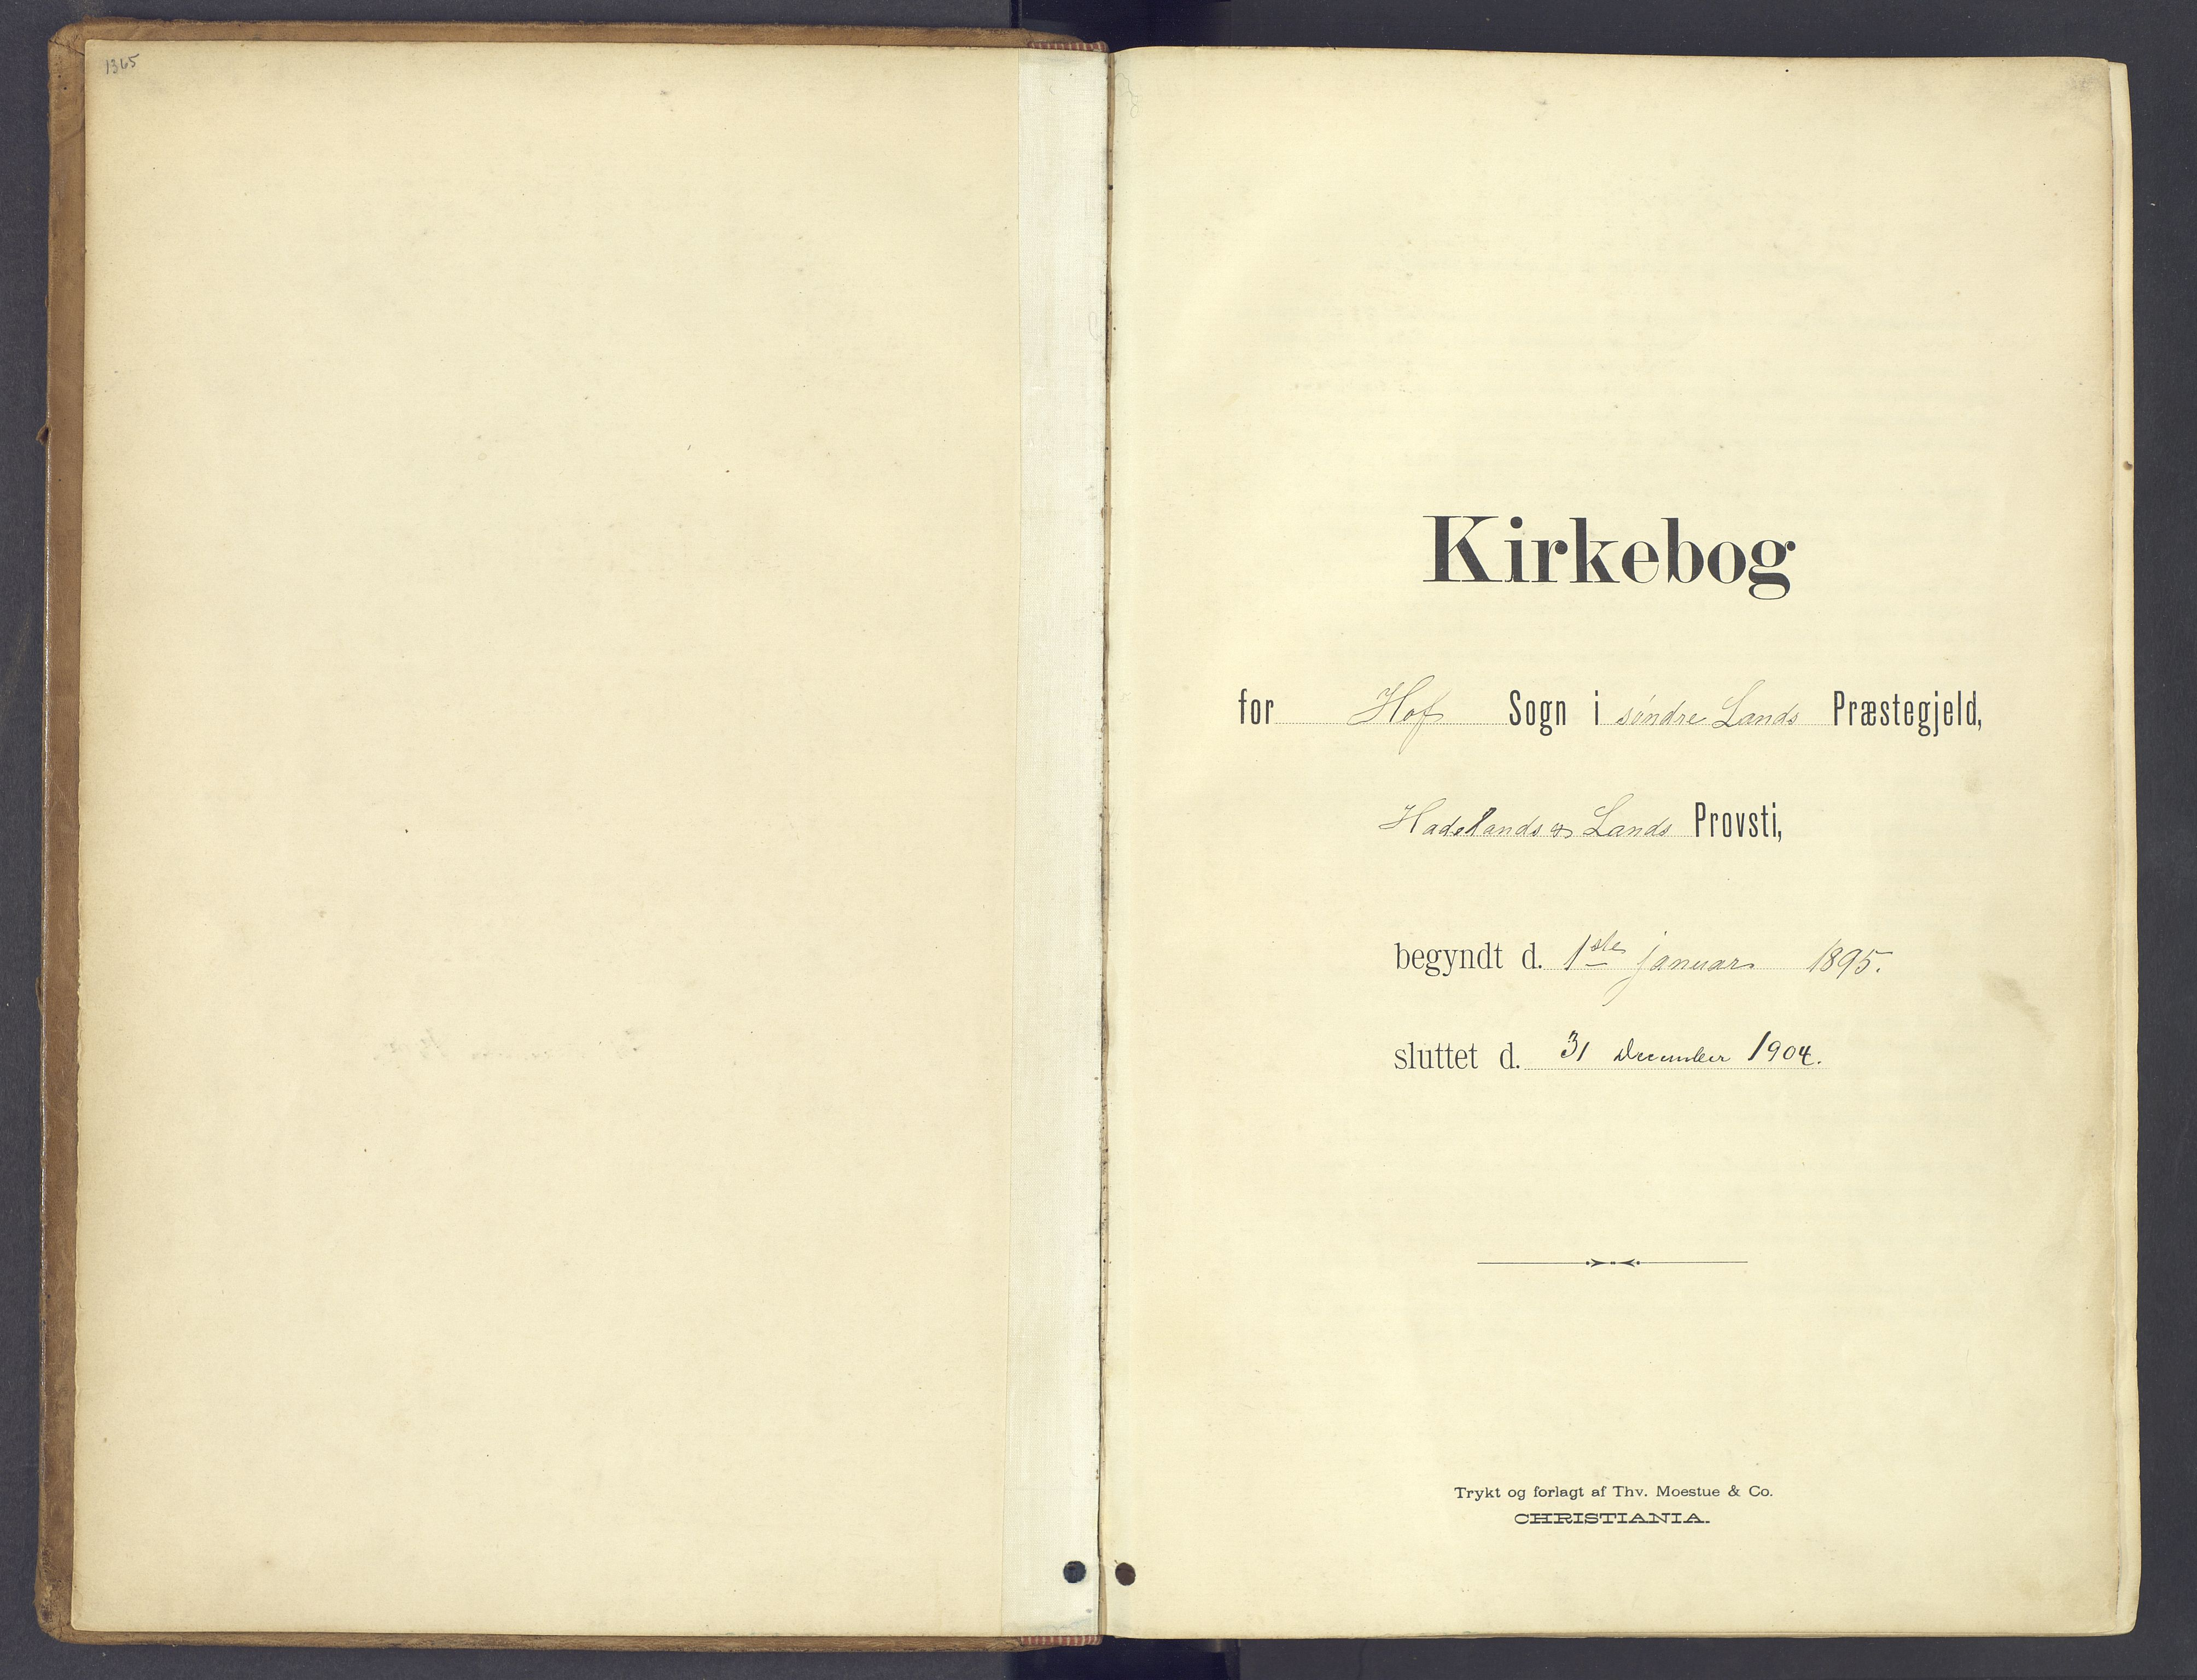 SAH, Søndre Land prestekontor, K/L0006: Parish register (official) no. 6, 1895-1904